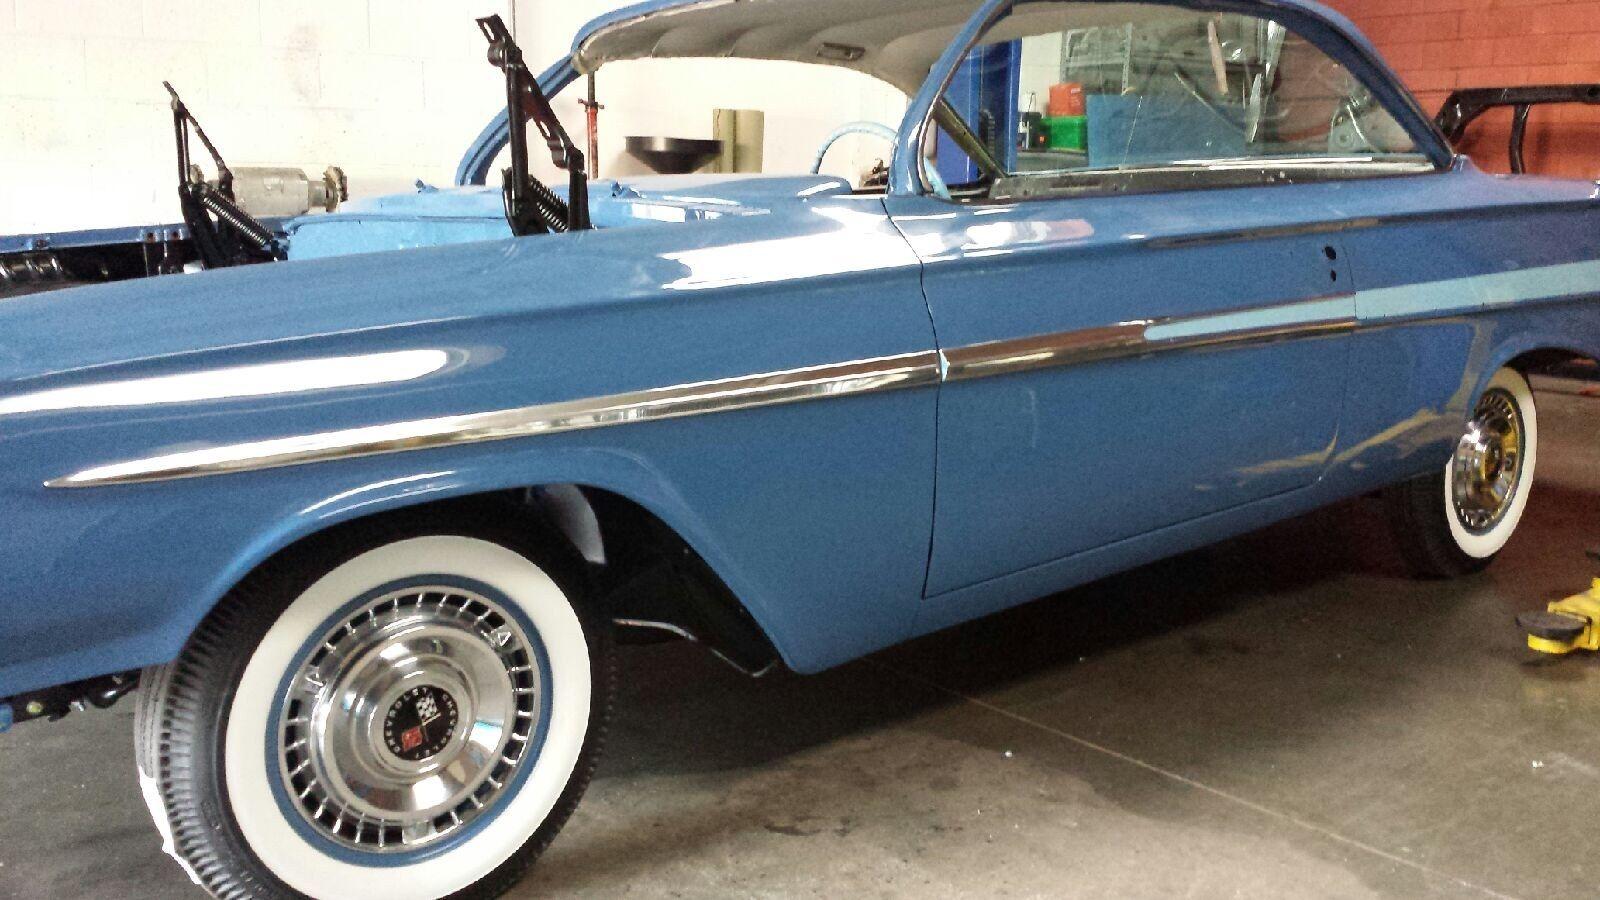 1961 Impala Bubbletop Frame Off Los Angeles Built No Reserve Chevrolet Bubble Top Sport Coupe